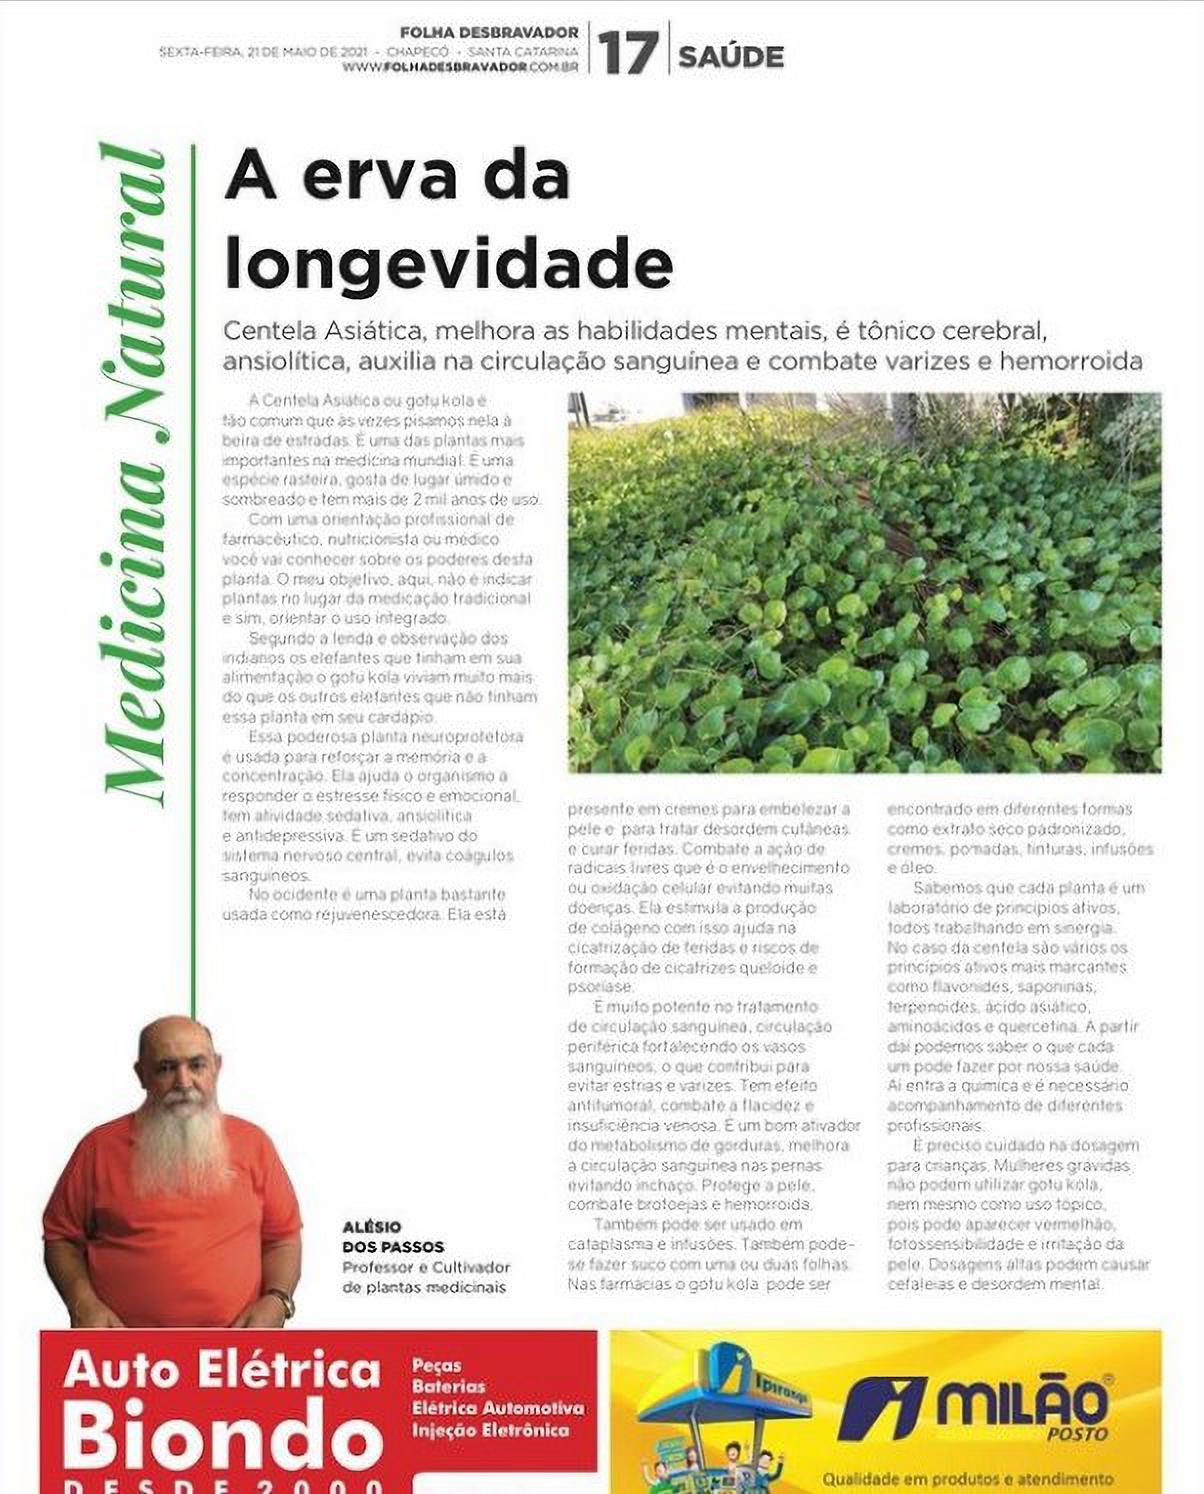 A erva da longevidade